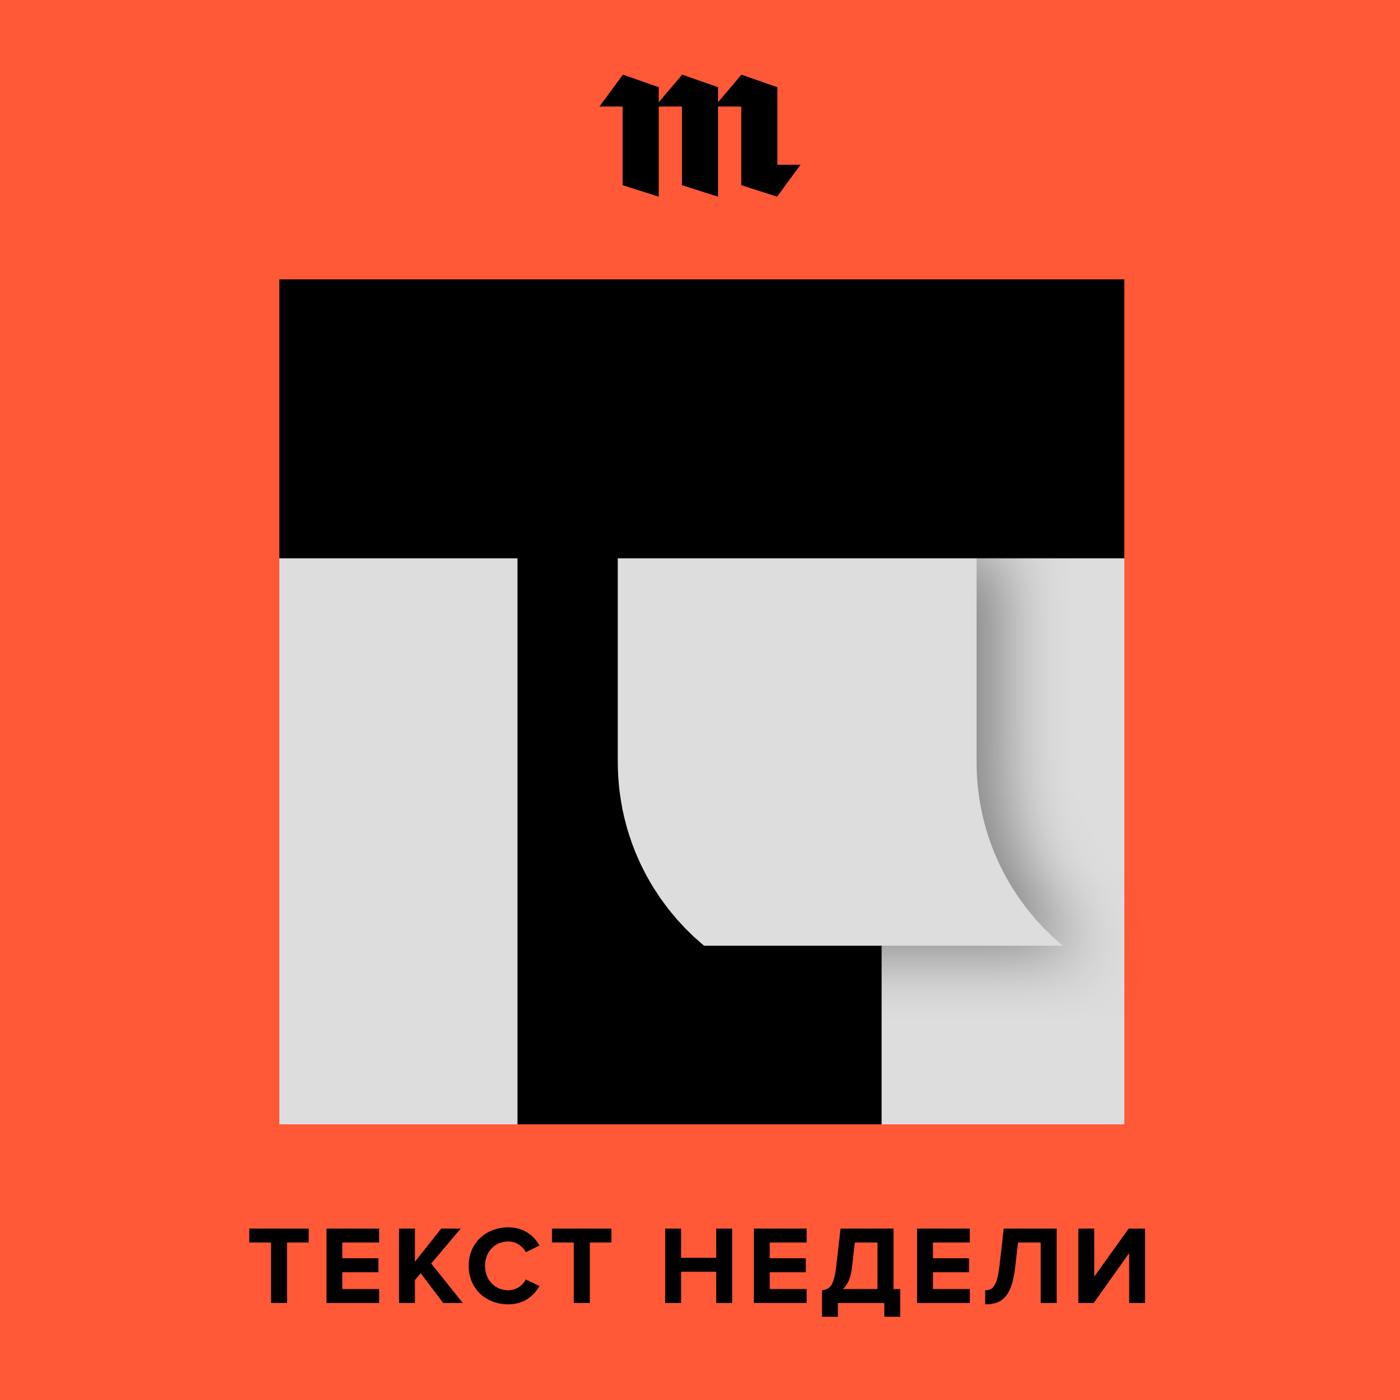 «Даже при отсутствии средств защиты врачи боятся идти к начальству». Как российские медики работают в условиях пандемии